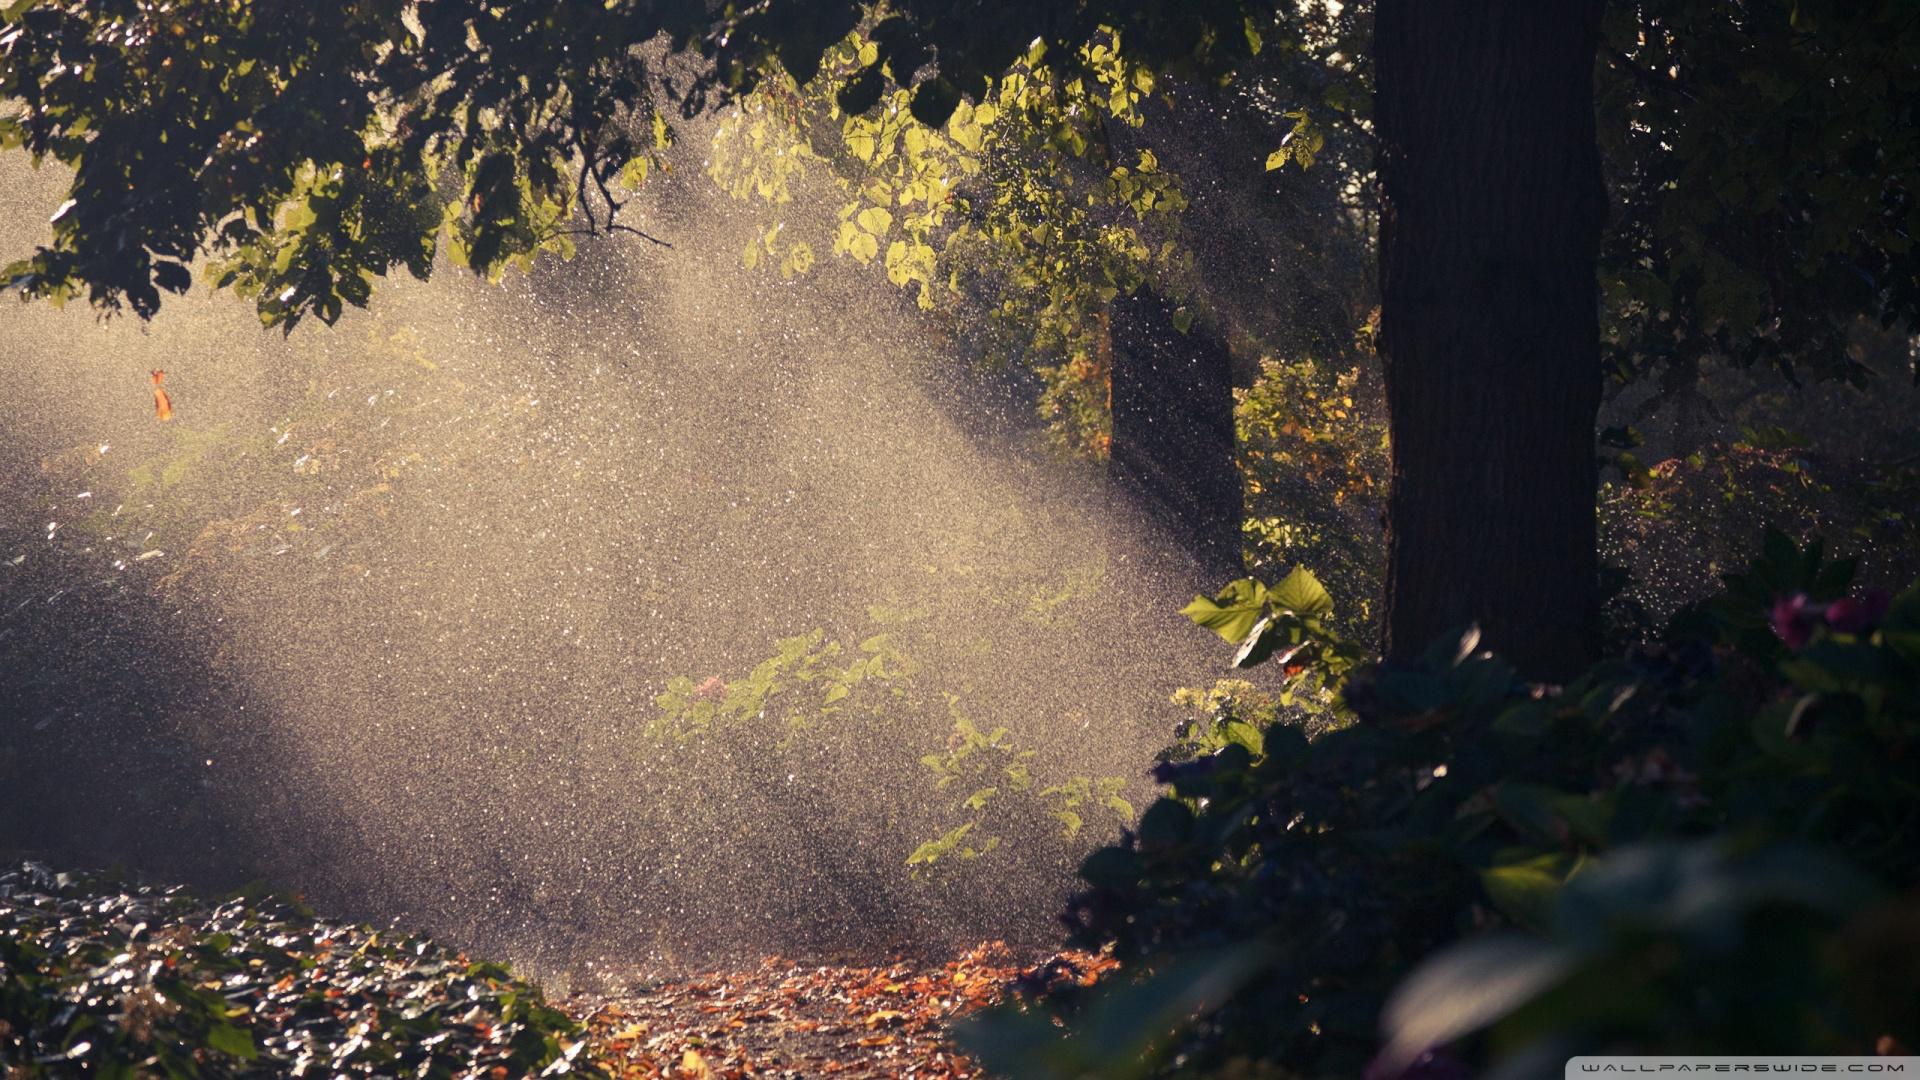 forest wallpaper rain summer images 1920x1080 1920x1080